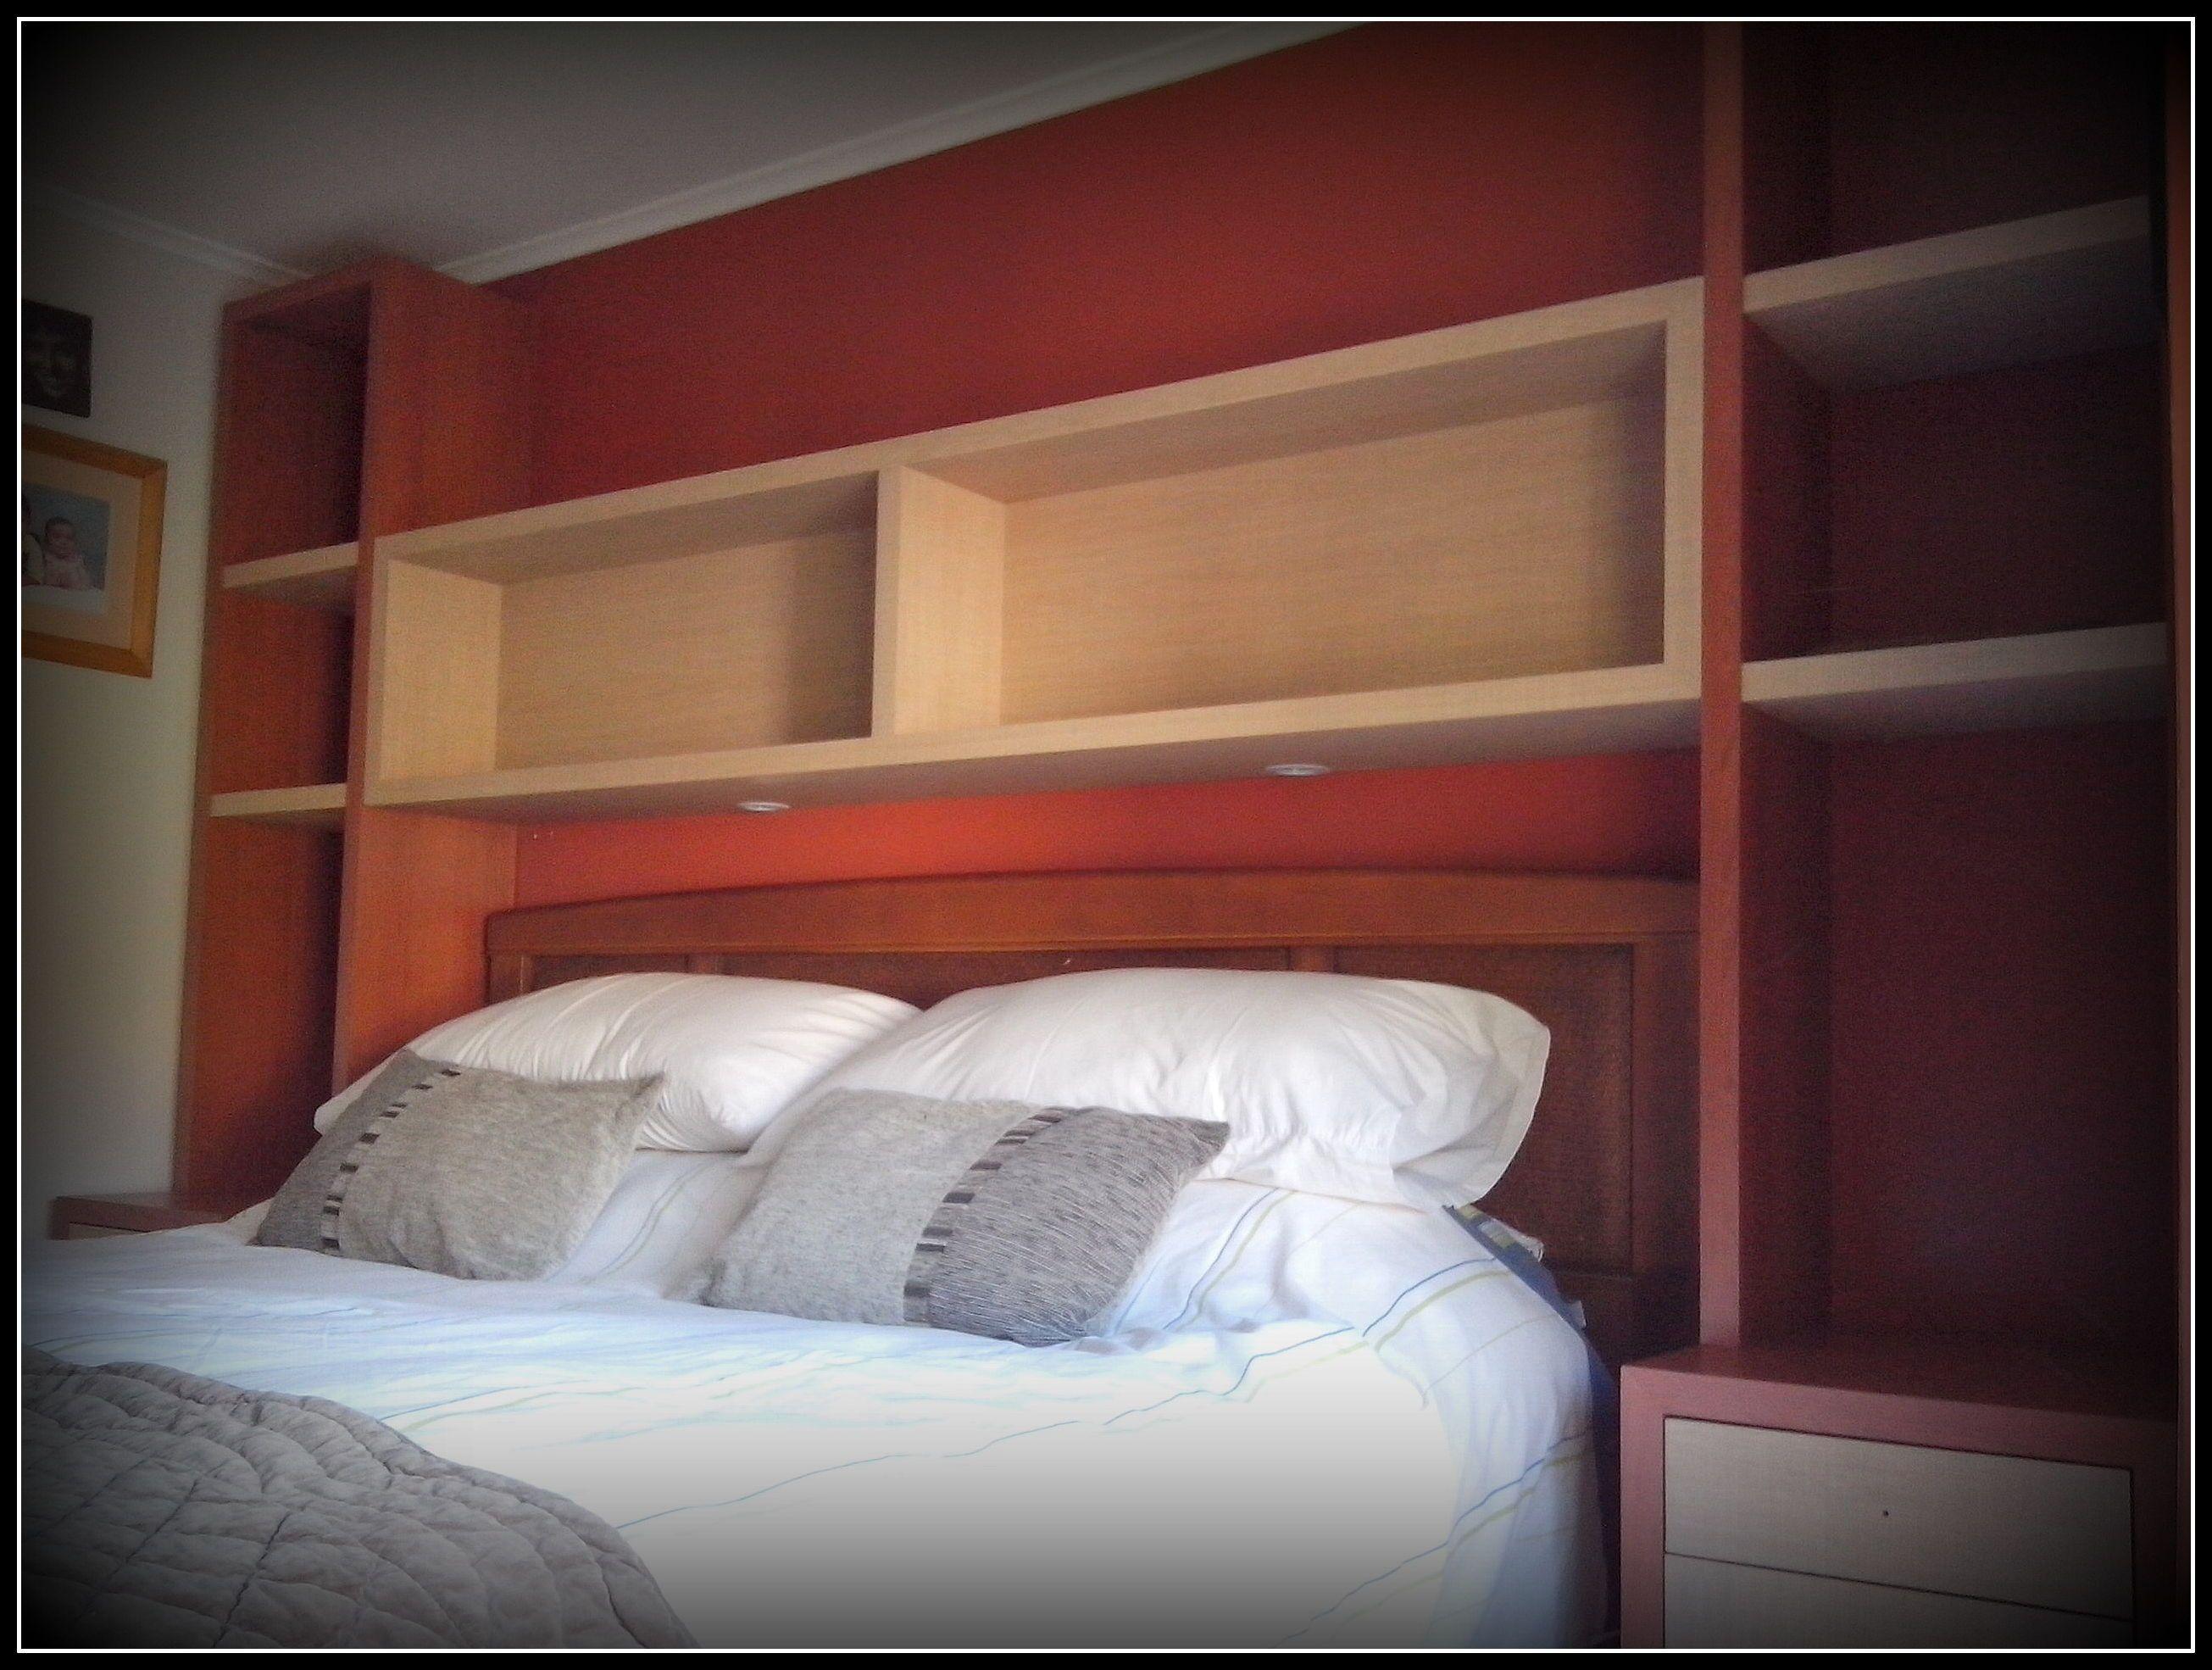 Dise o de cabecera y veladores para cama en dormitorio for Cama diseno